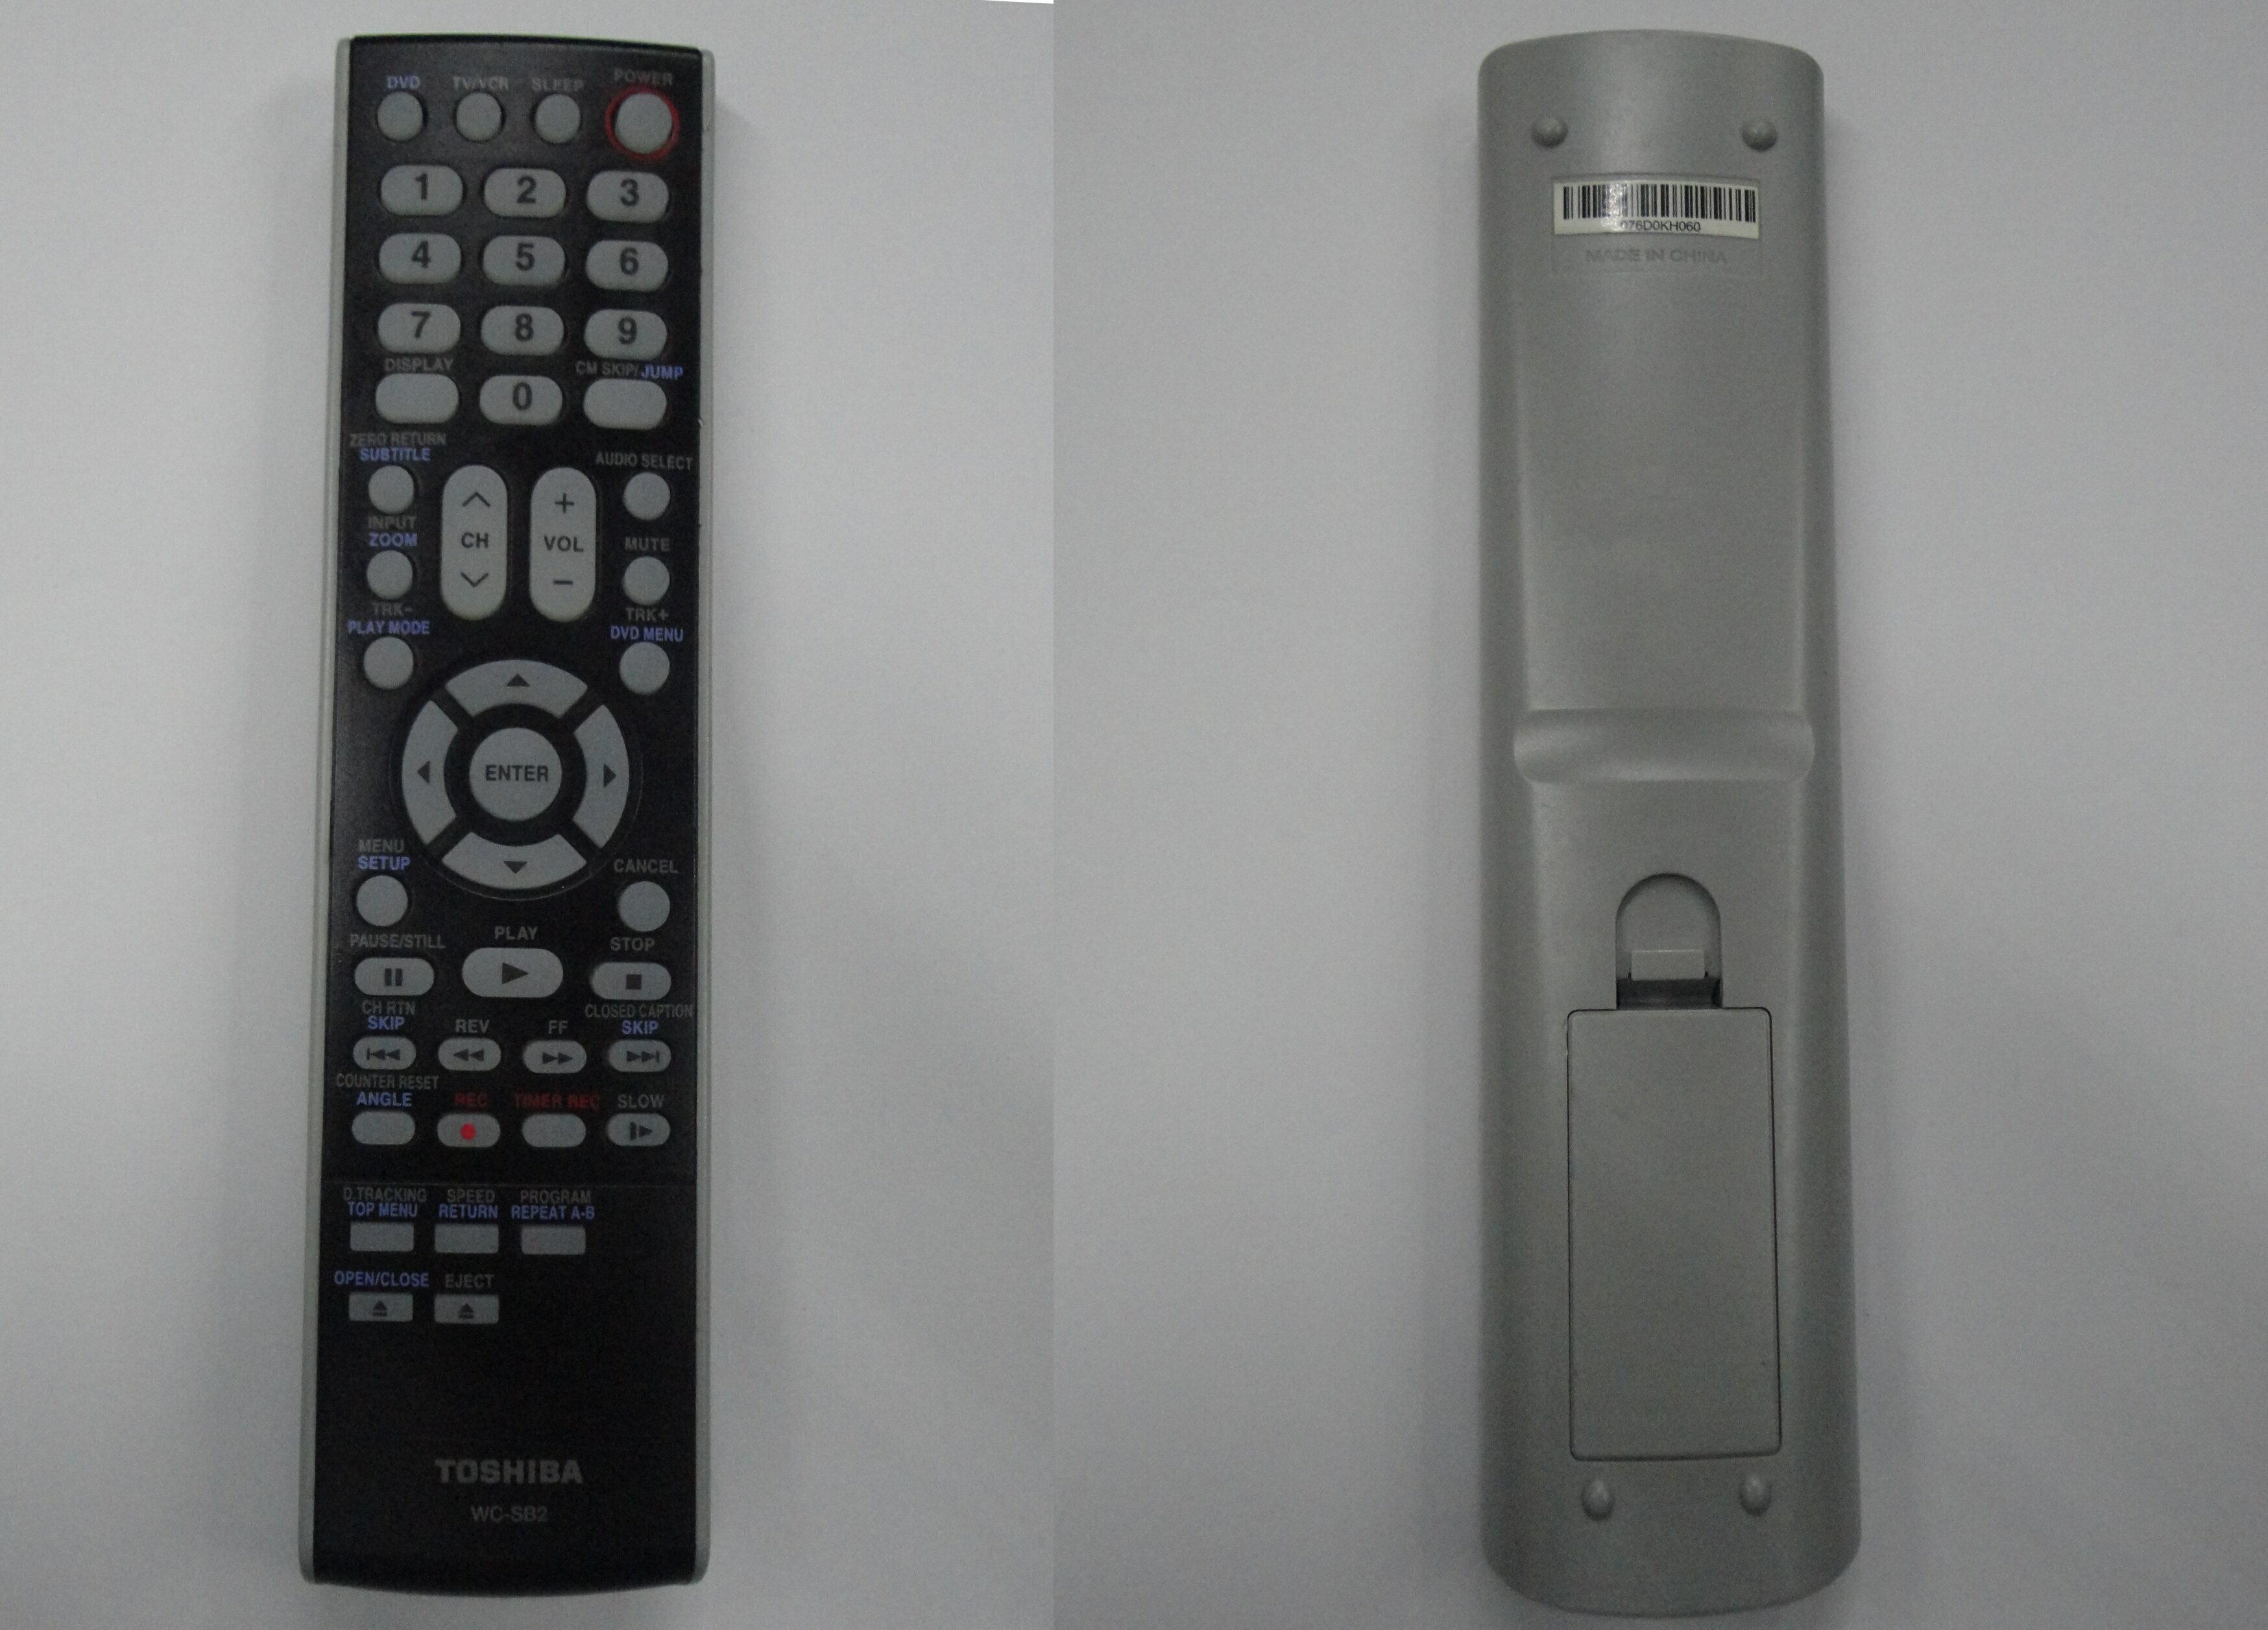 TOSHIBA Remote Controls | Rakuten com